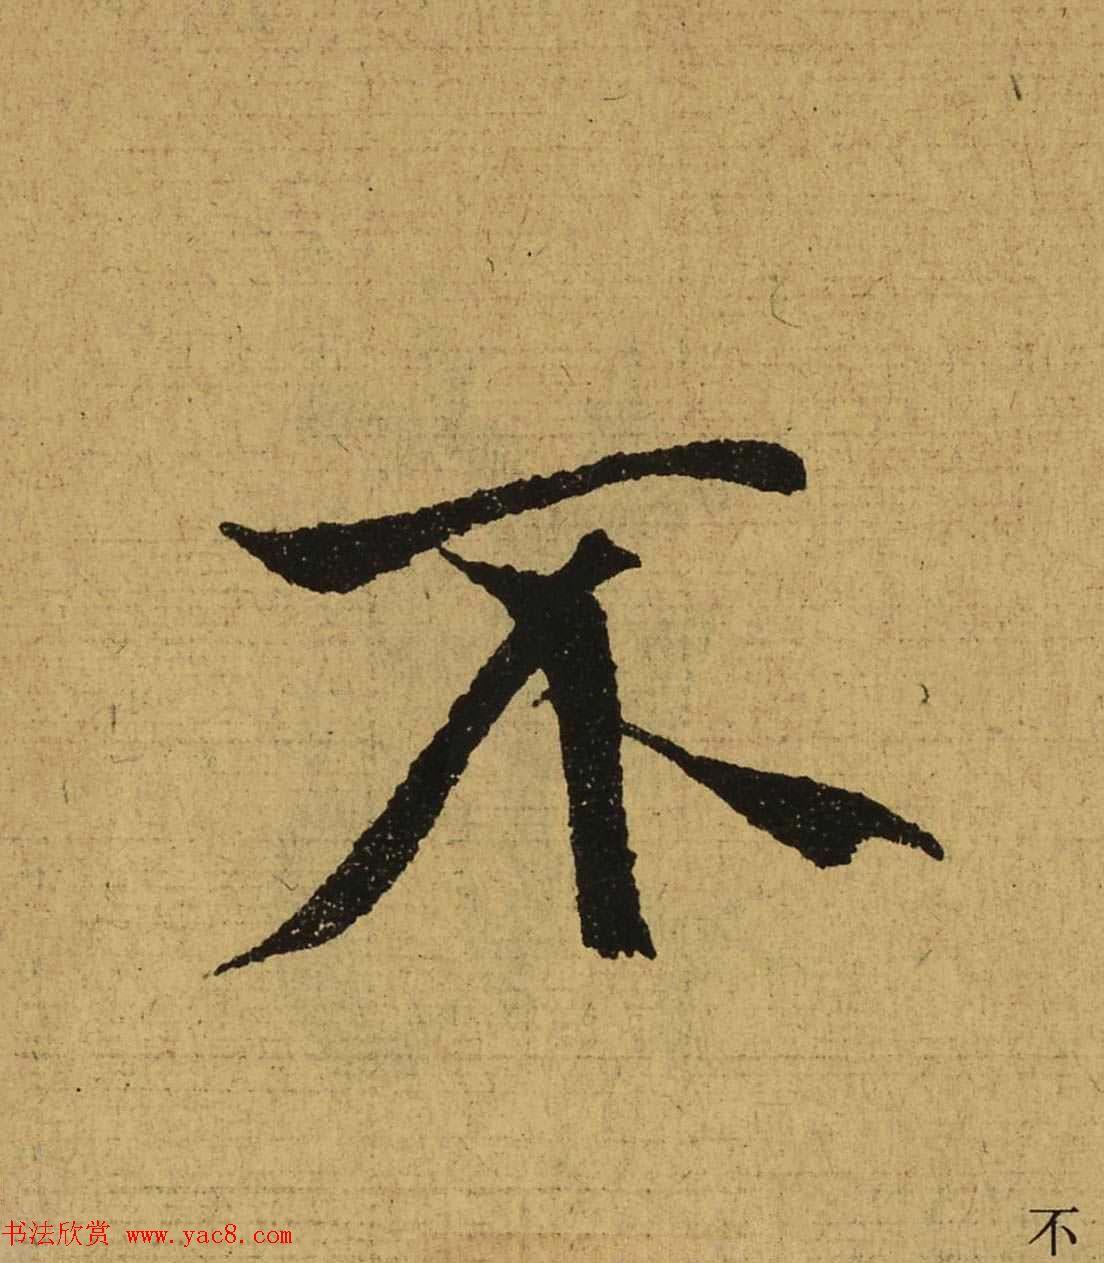 王羲之兰亭集序全文单字高清放大字帖 第37页 行书字帖 书法欣赏